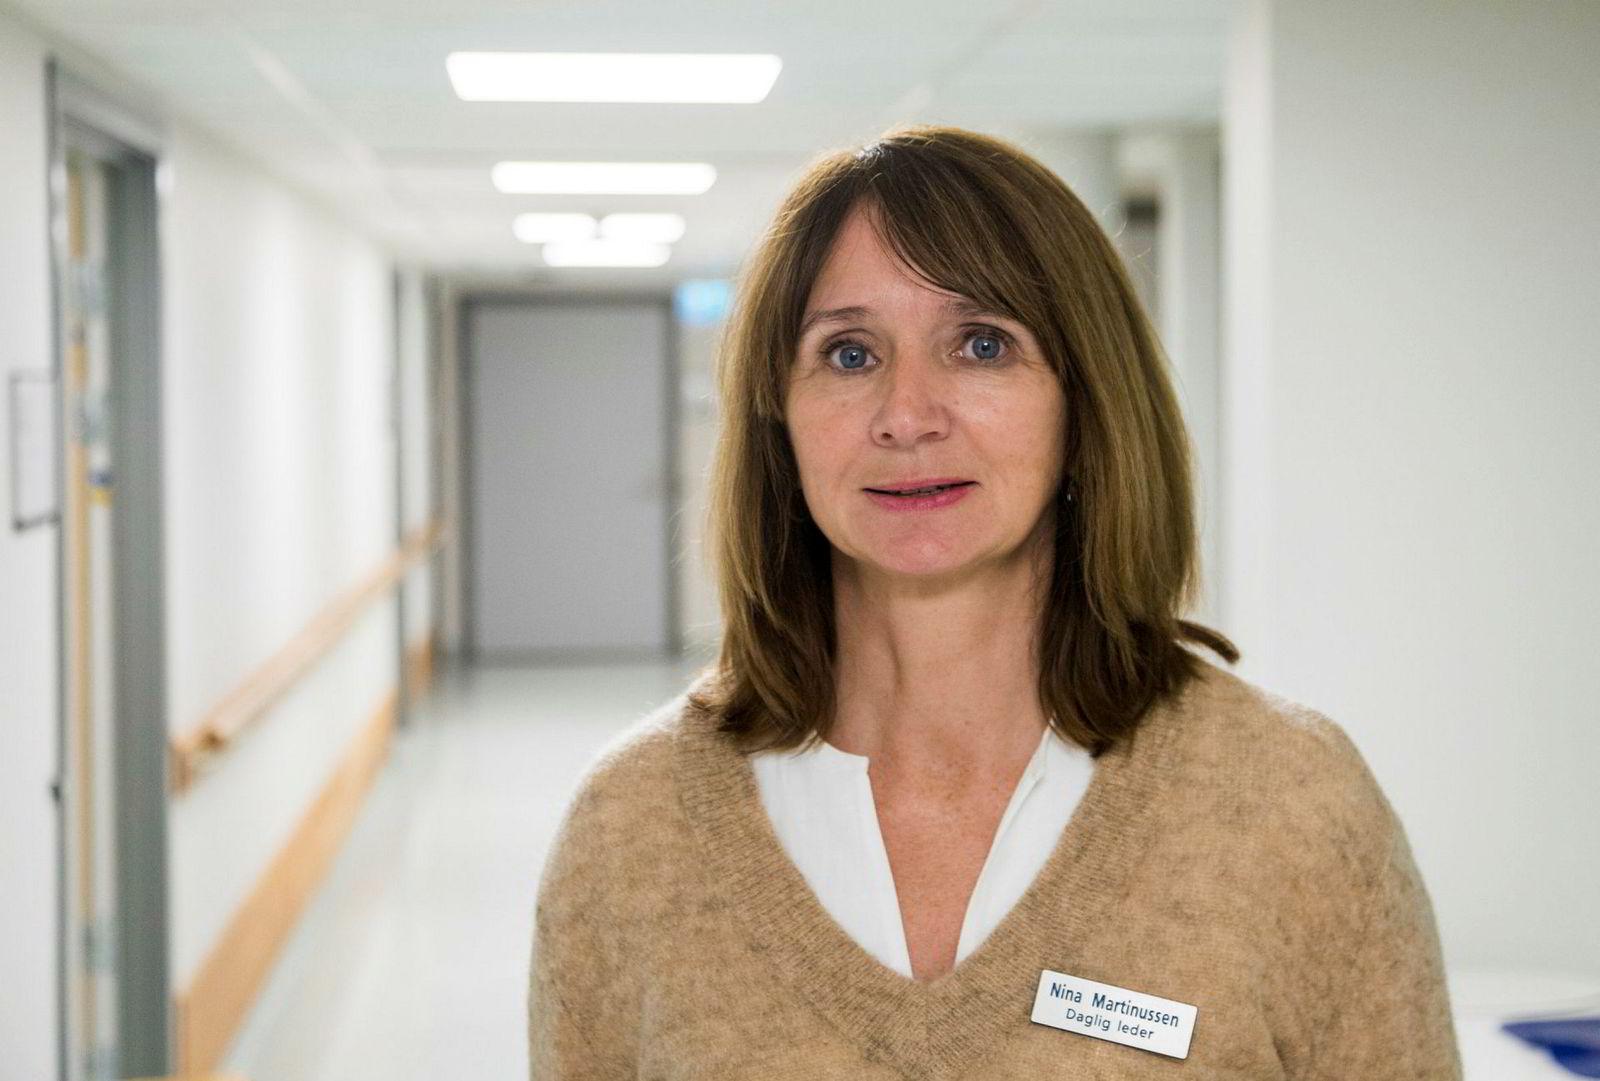 Daglig leder Nina Martinussen ved Sagenehjemmet vil ha syke på jobben. Det kan gi høyt sykefravær – fordi færre støtes ut.